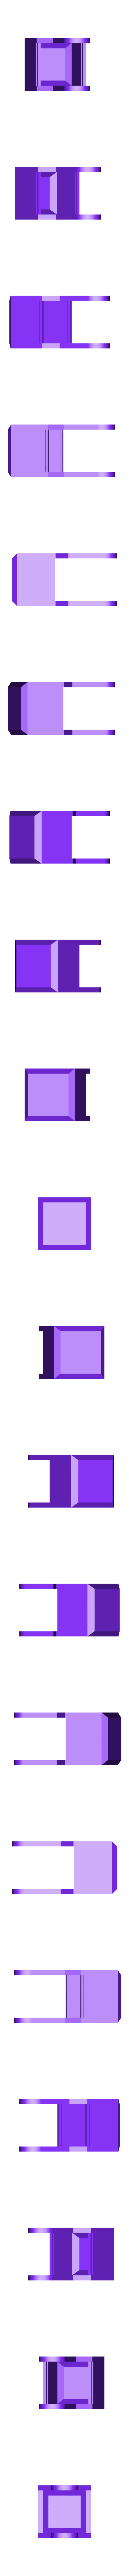 Trebuchet_Counterweight.STL Télécharger fichier STL gratuit MACHINES MÉDIÉVALES - Pack d'extension • Plan pour imprimante 3D, Pwentey